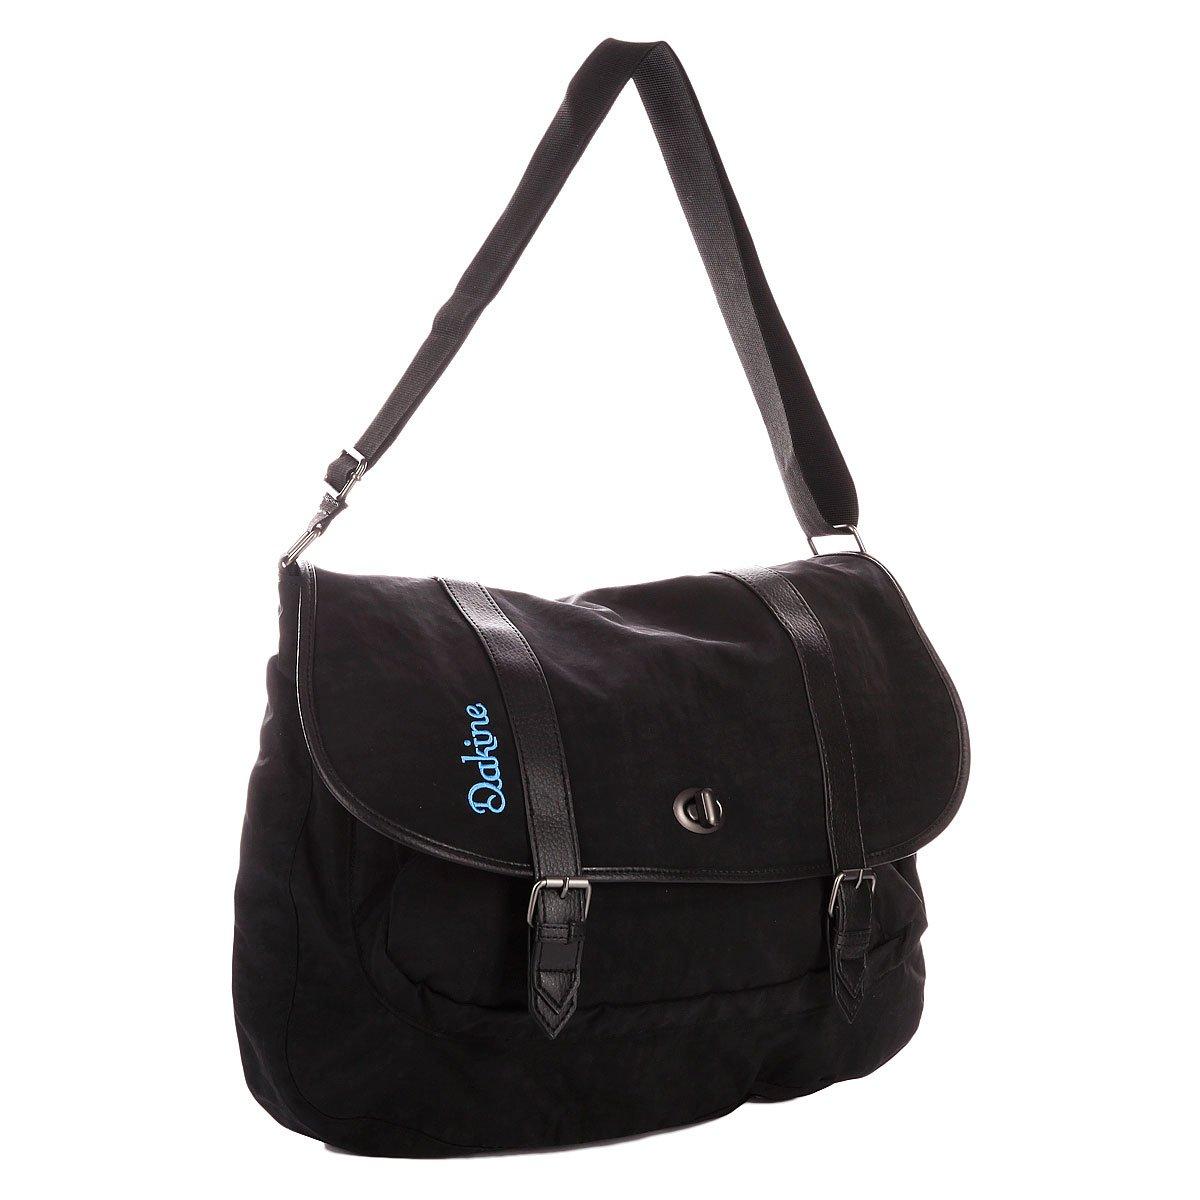 b52db8be591b Купить сумку для ноутбука женскую Dakine Shyla 11l Black в интернет ...